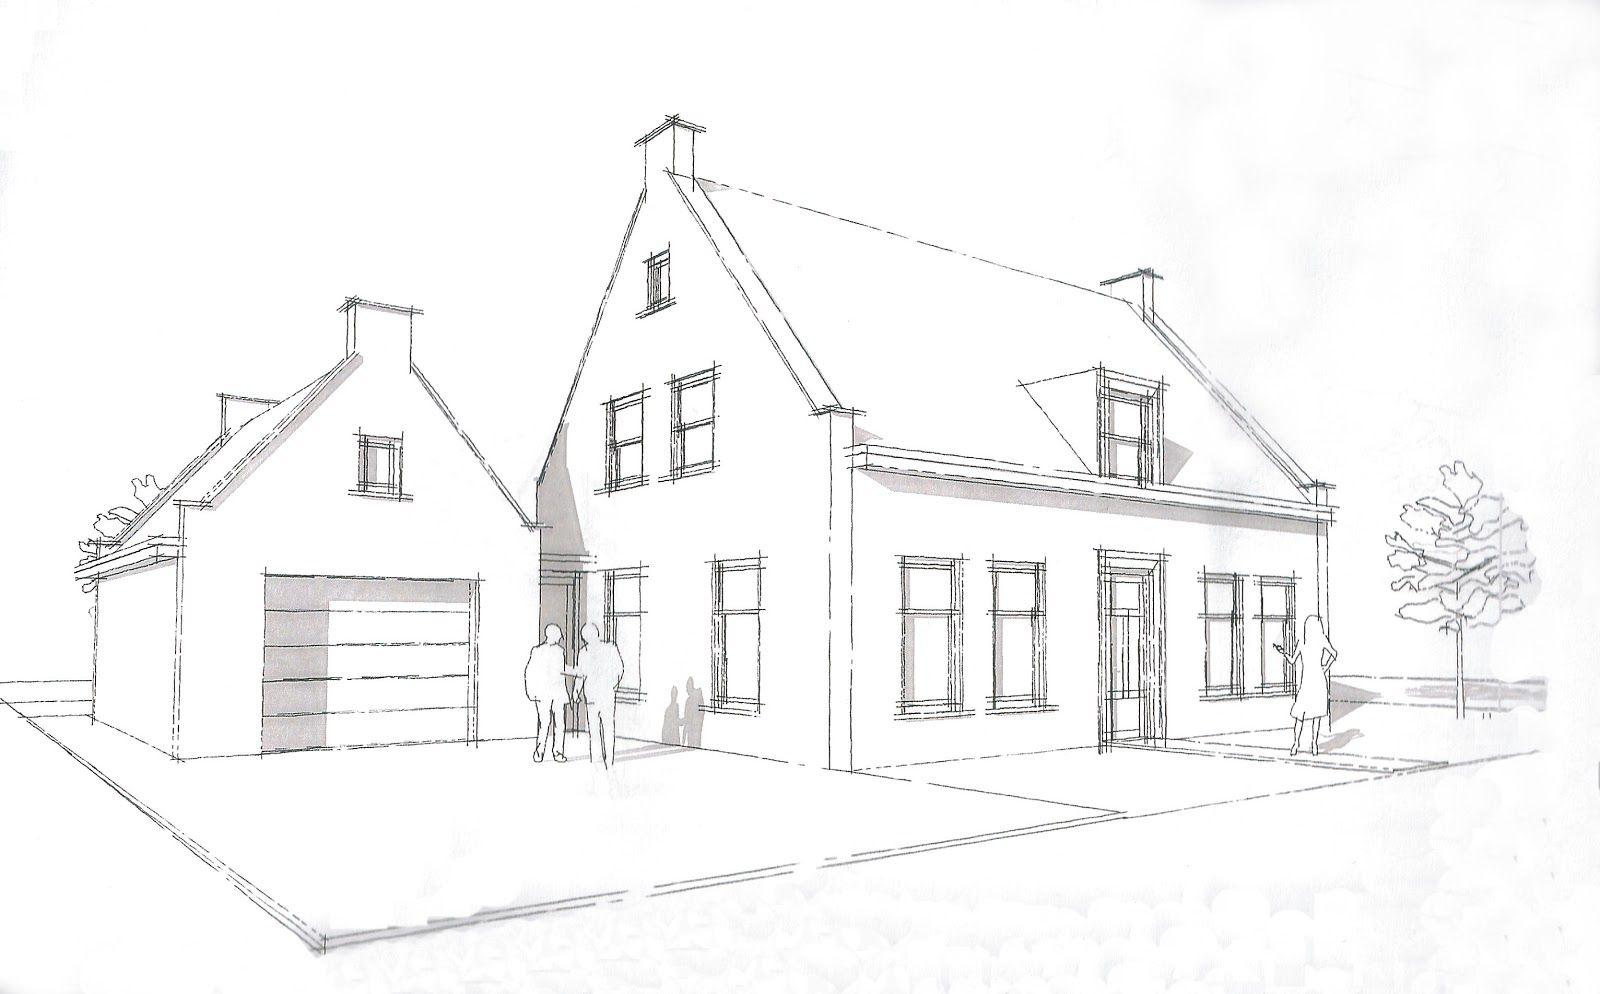 Huis tekenen 3d tekenen pinterest huis tekenen for Huizen tekenen